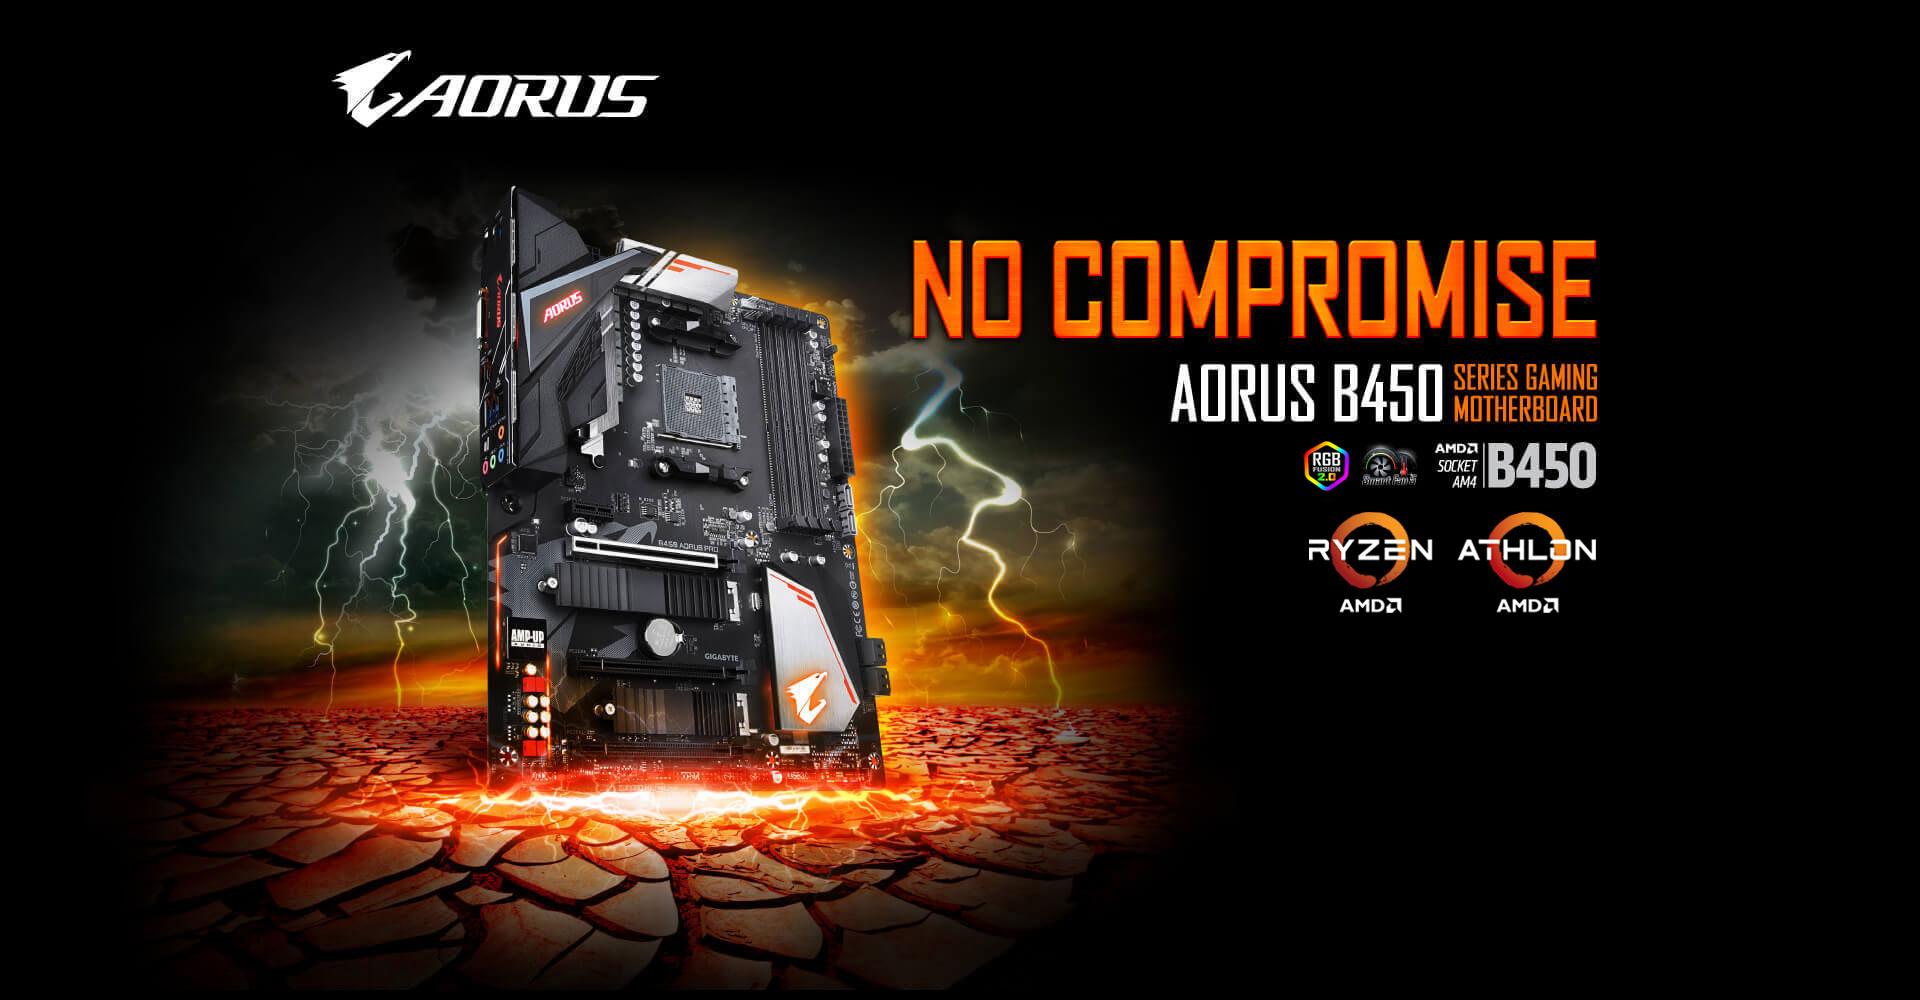 B450 AORUS PRO | AORUS